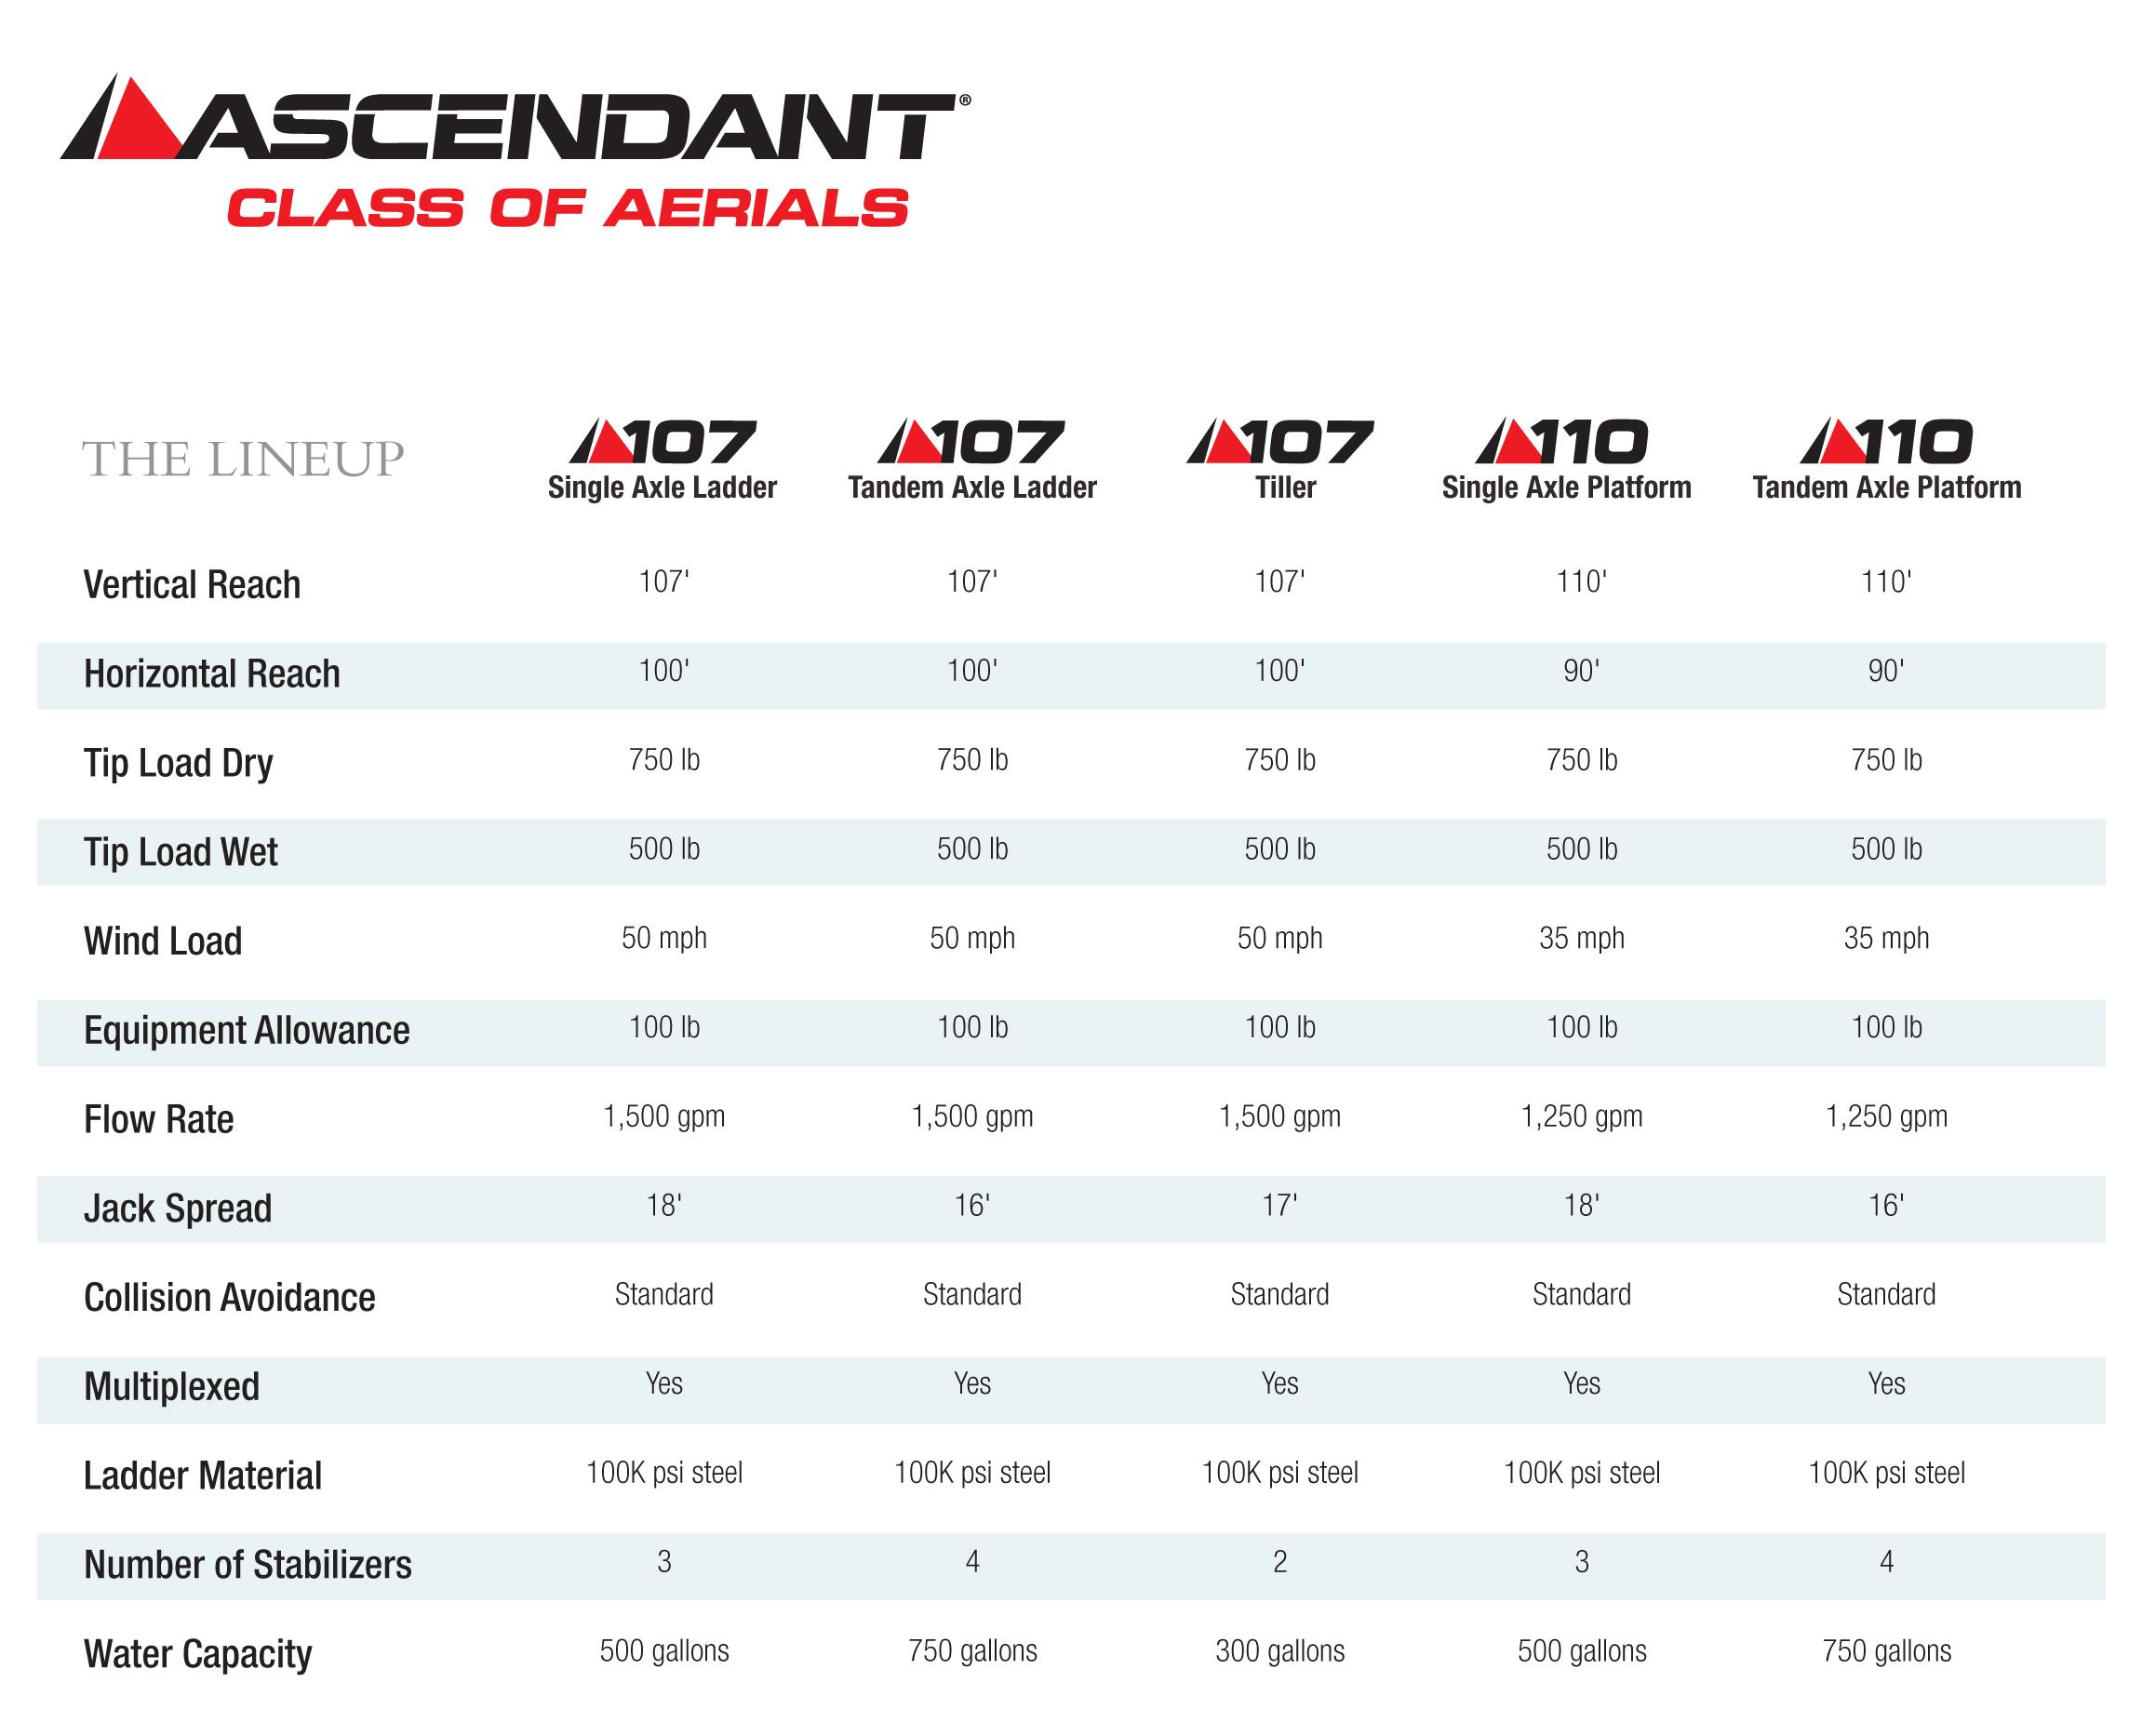 Pierce Ascendant Class of Aerials Brochure_April2017-7